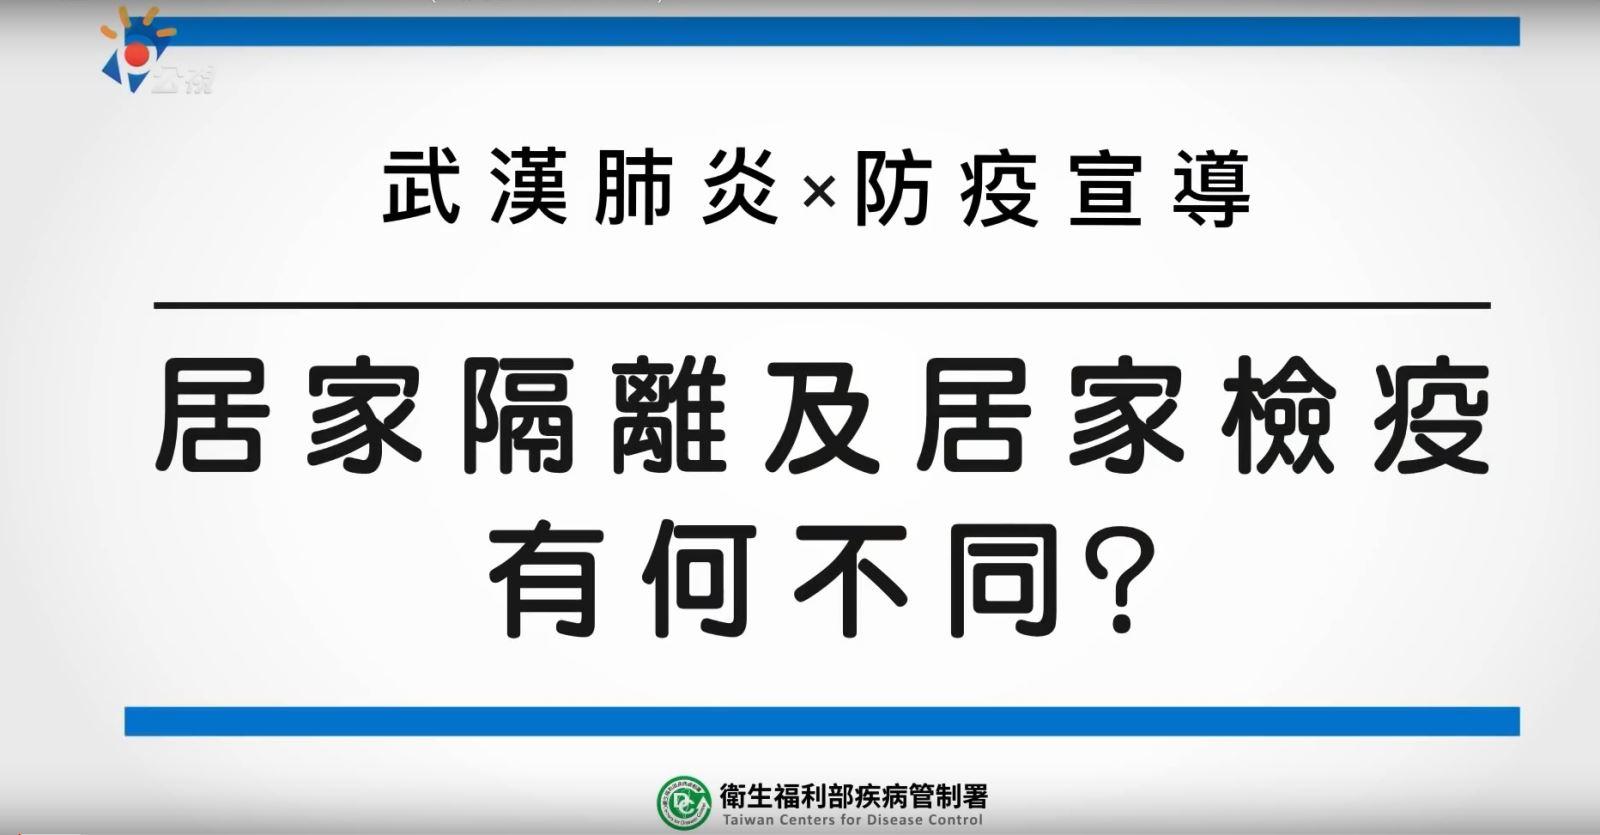 公視頻道播放武漢肺炎相關宣導畫面